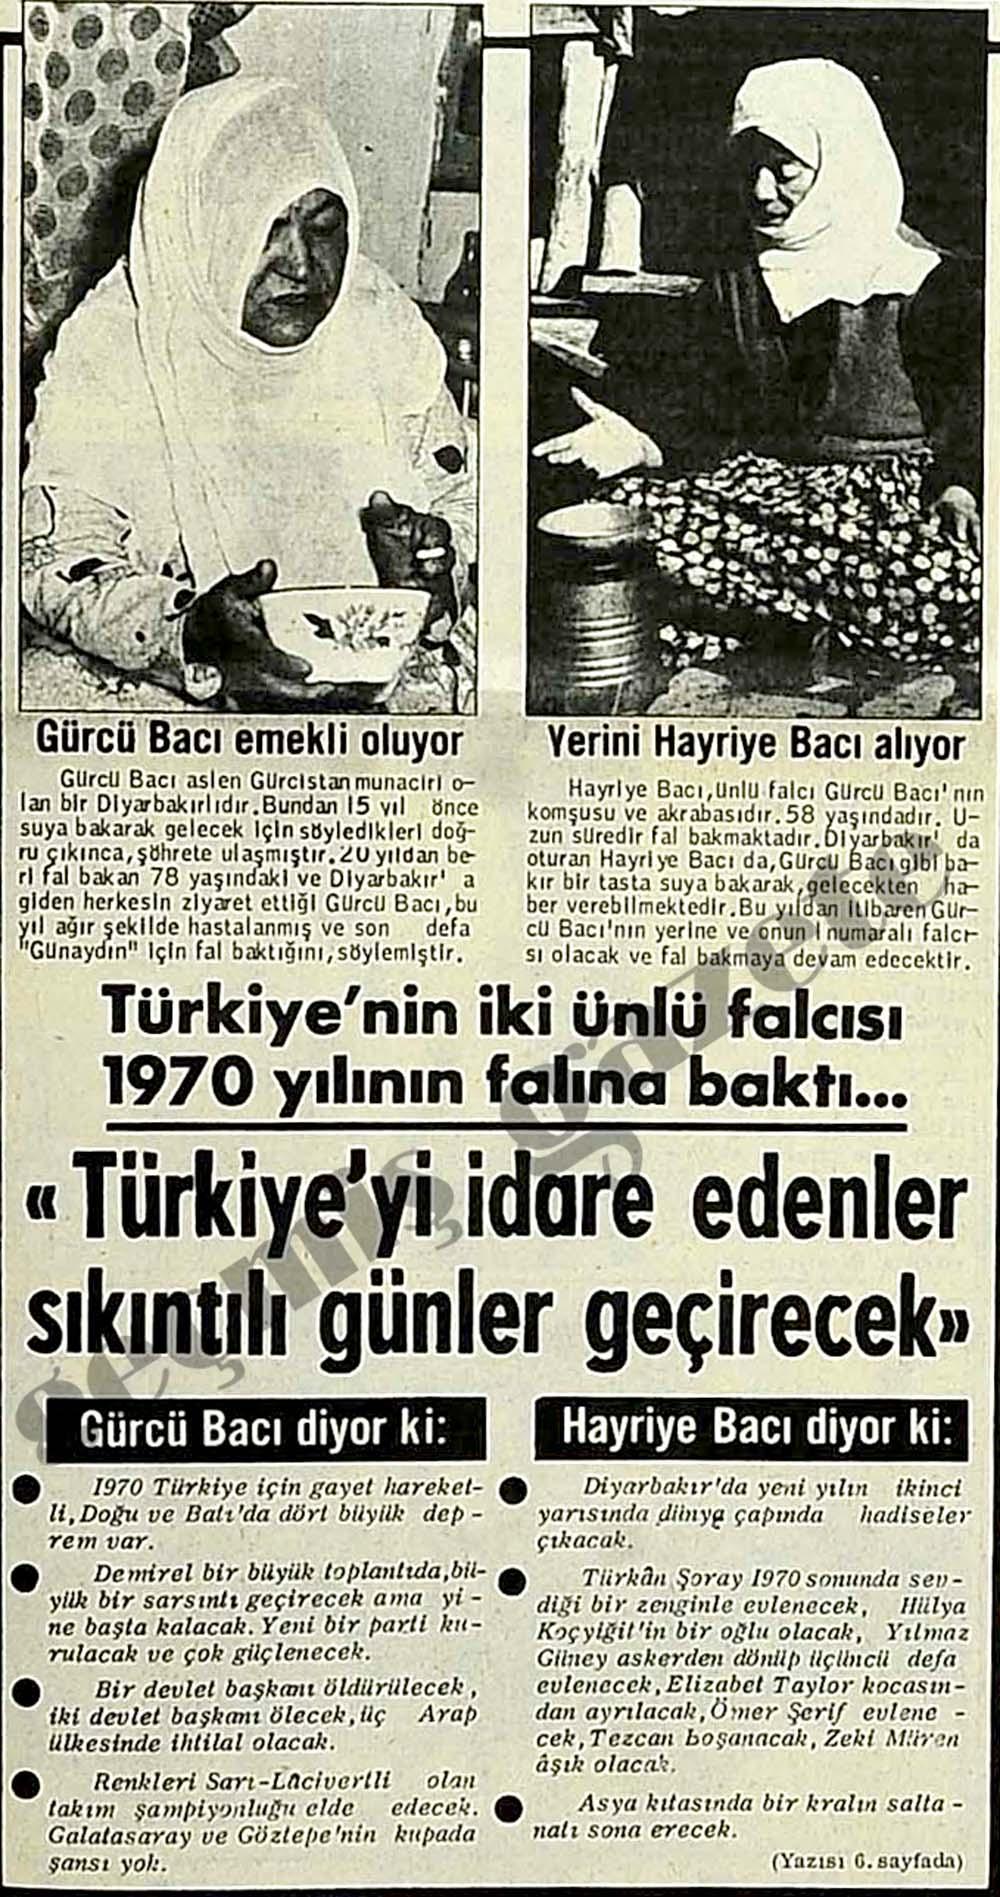 Türkiye'nin iki ünlü falcısı 1970 yılının falına baktı...